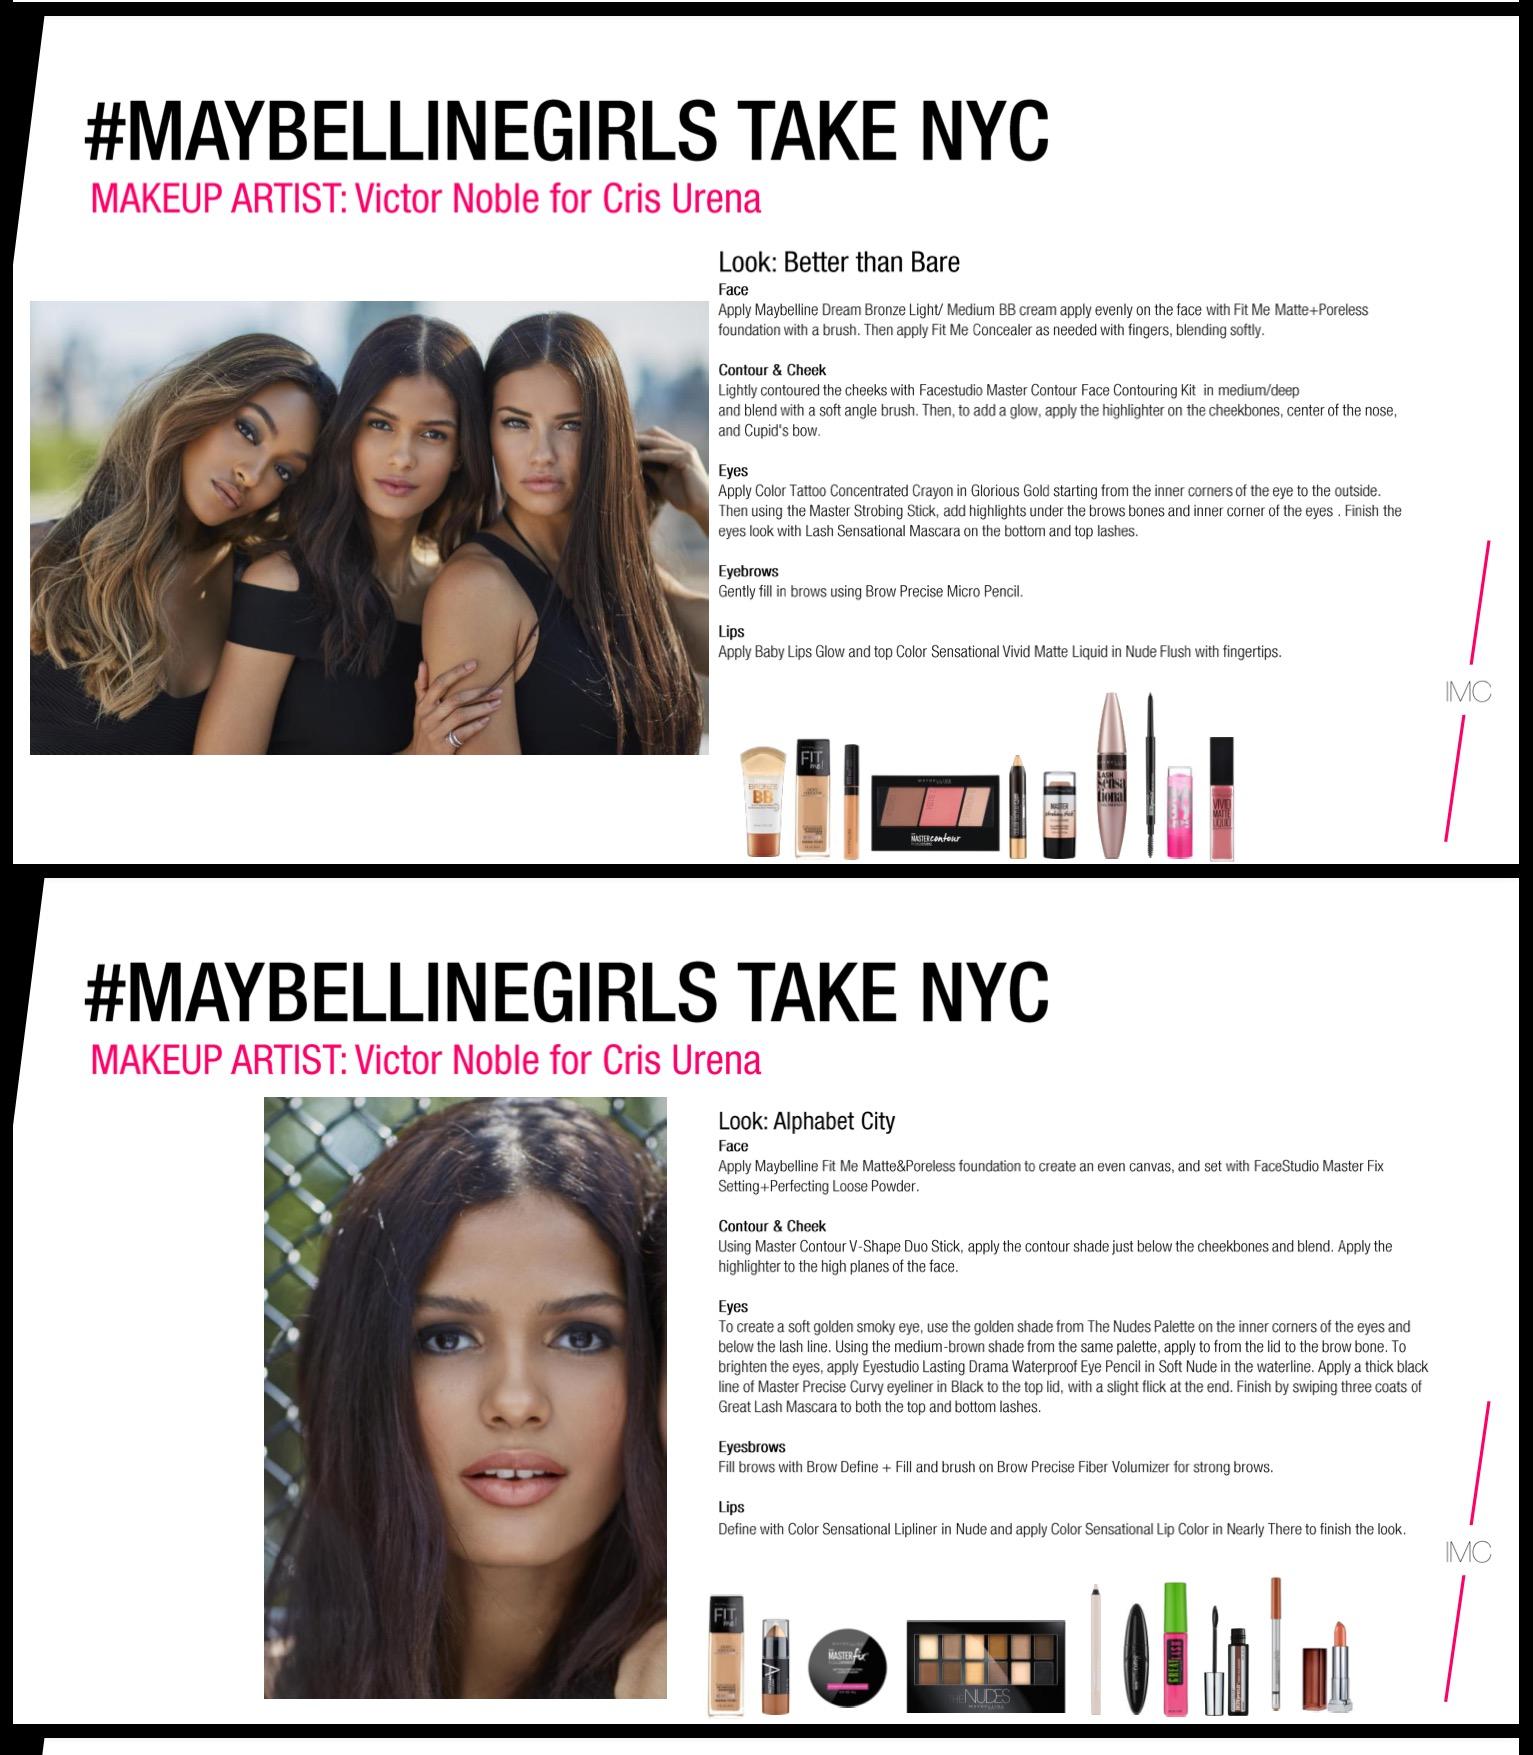 Maybelline NY